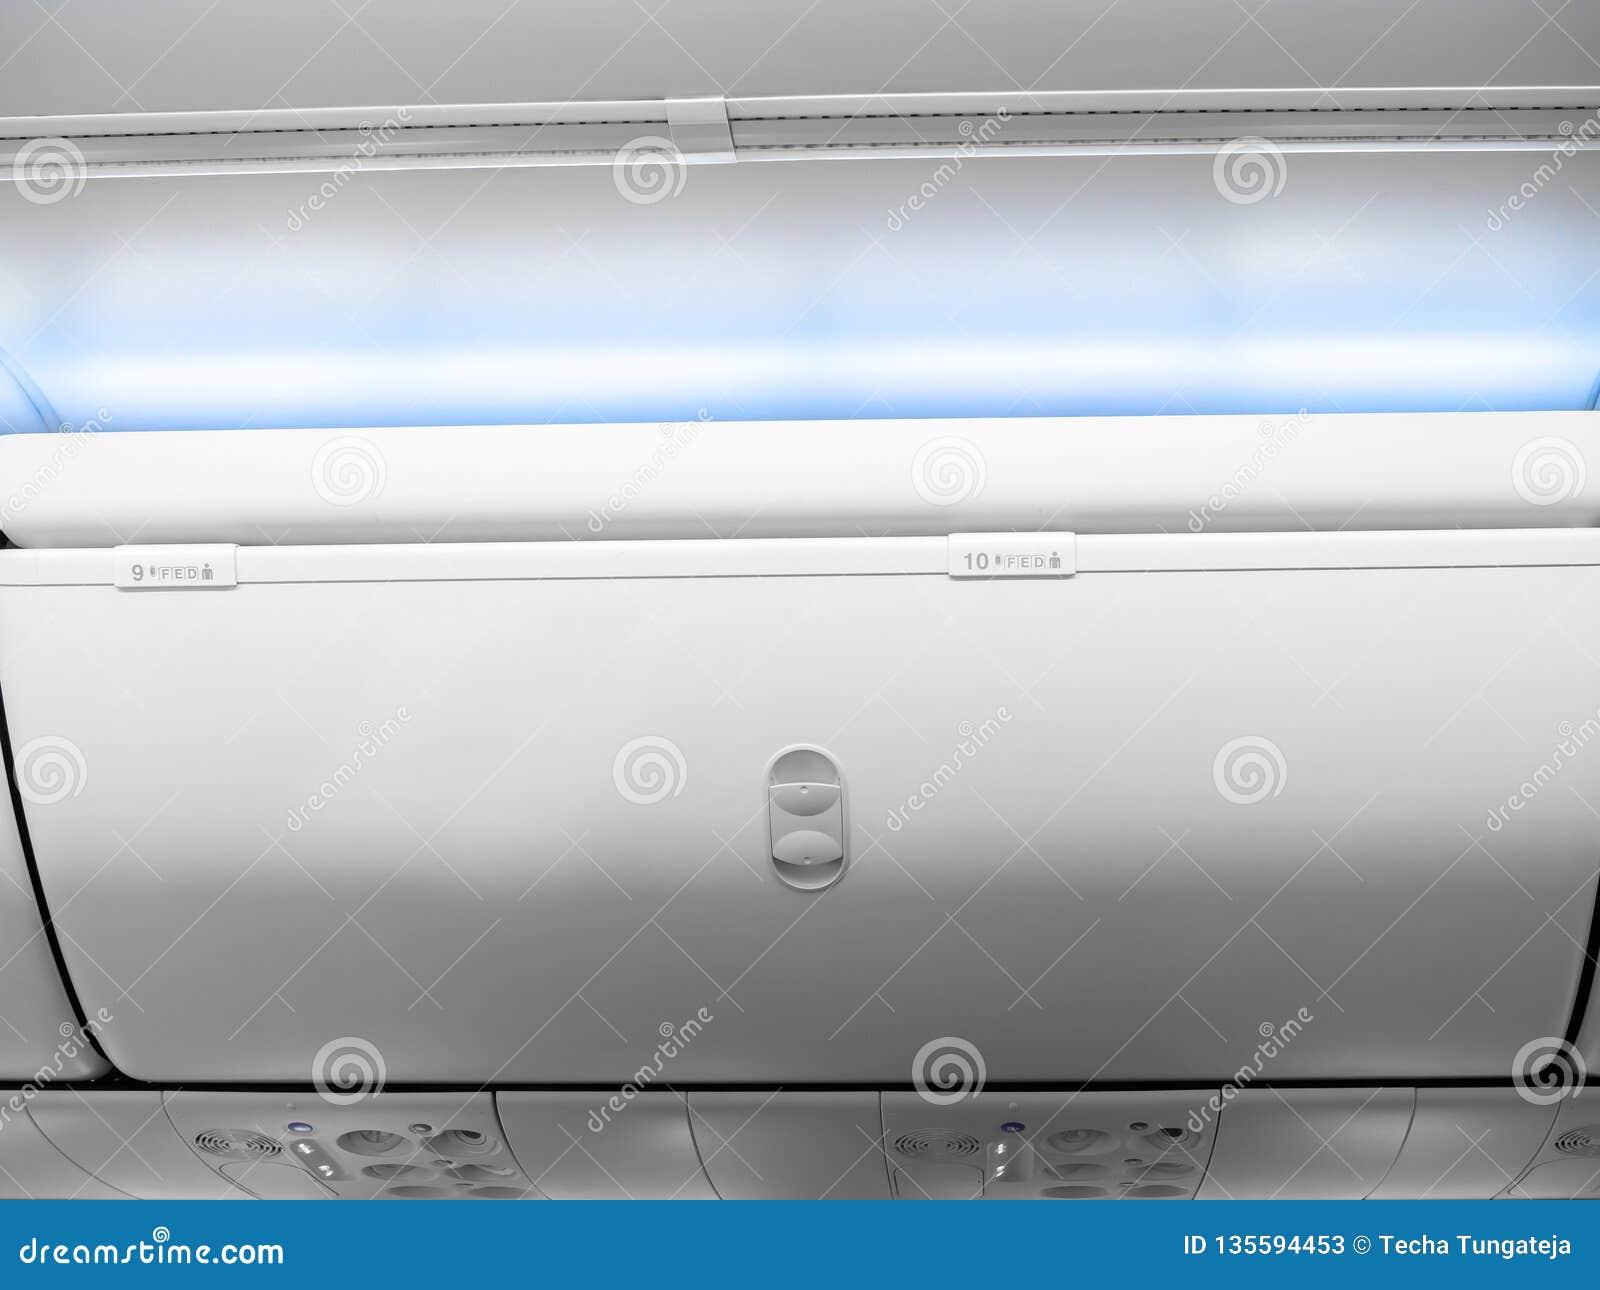 Белый шкафчик багажа 9 и 10 с голубым светом в эконом-классе кабины в коммерчески самолете